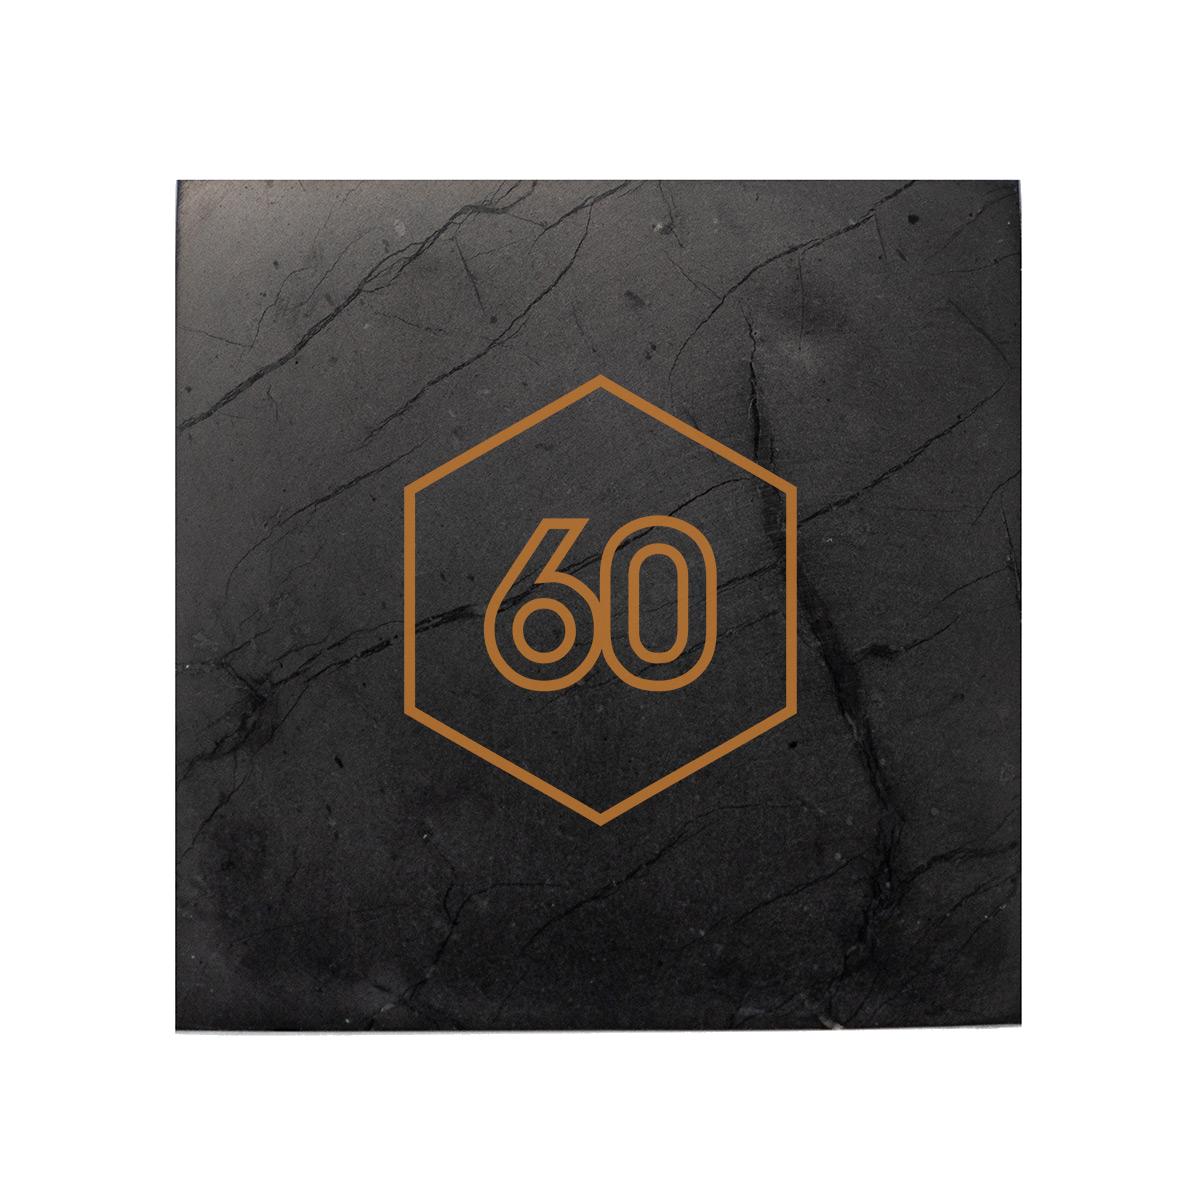 CARBON 60 -